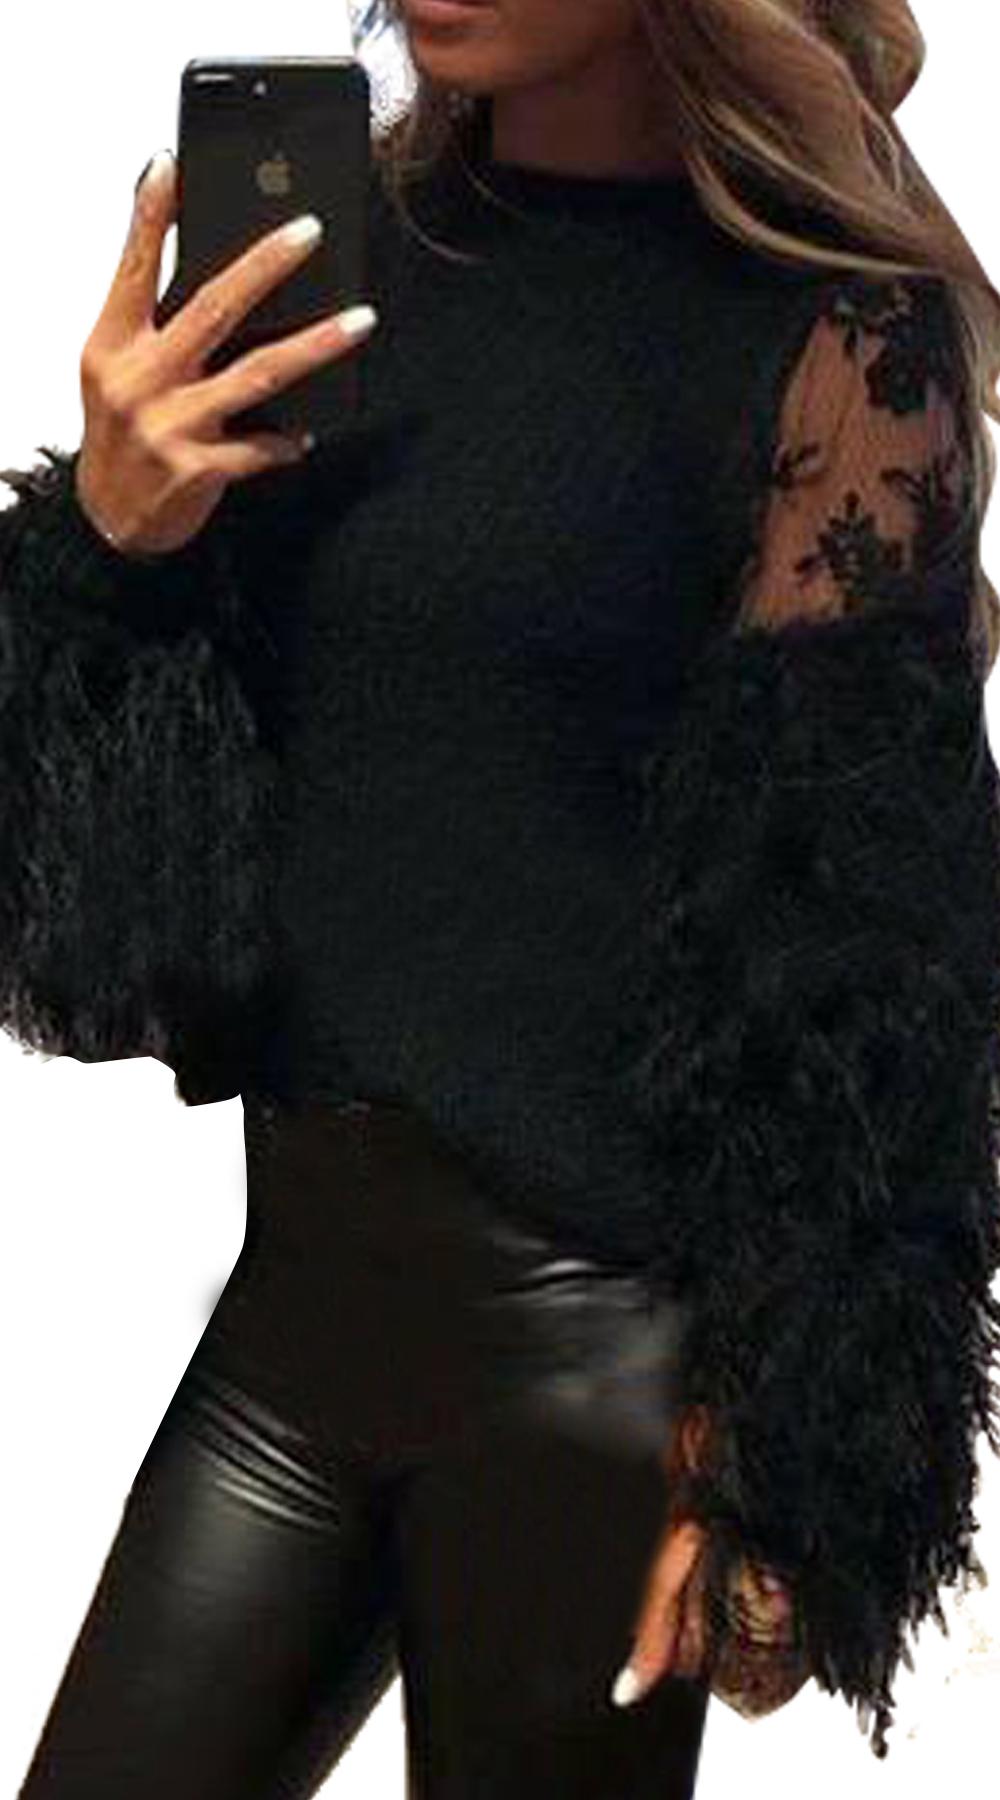 Γυναικεία μπλούζα με cut out δαντέλα και χνουδωτά μανίκια(ΑΠΟΣΤΟΛΕΣ ΑΠΟ 5/12) -  μπλούζες   t shirts elegant tops